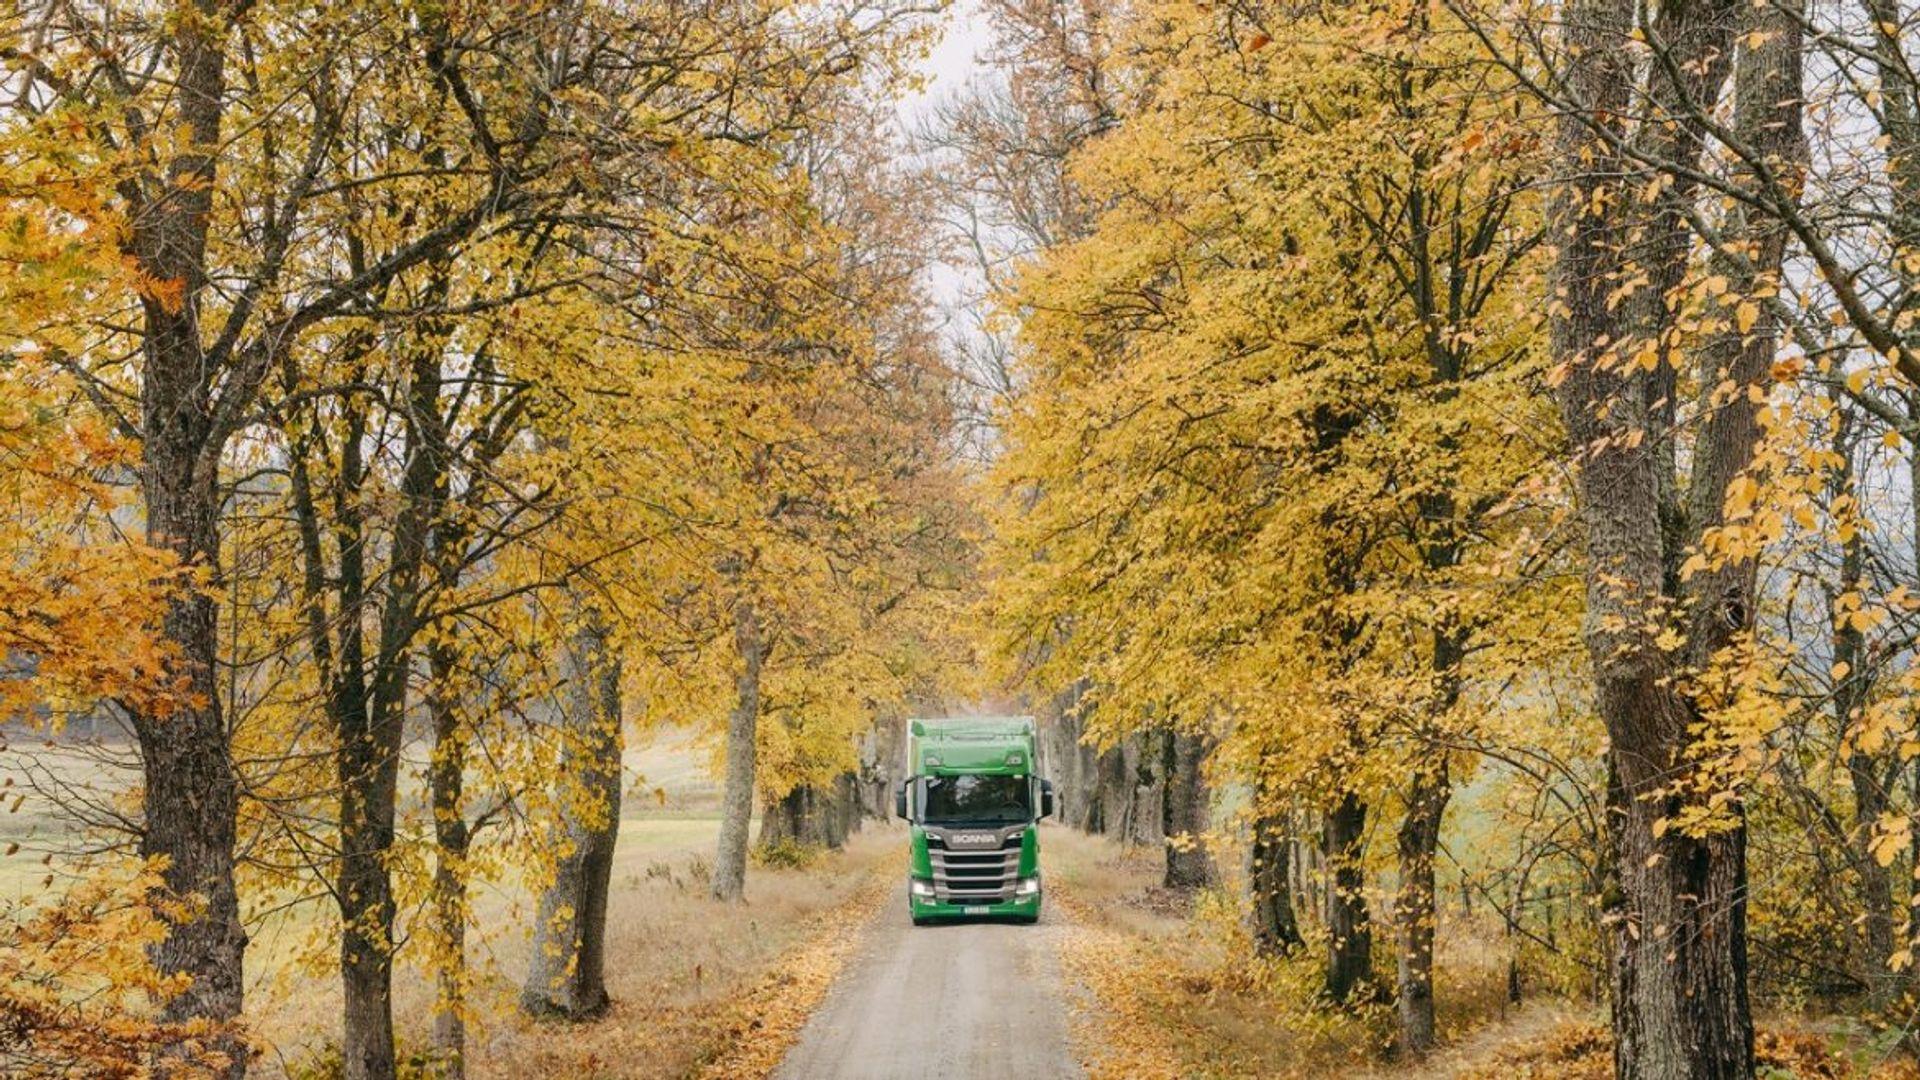 Ongedierte in vrachtwagens en bussen van Scania voorkomen